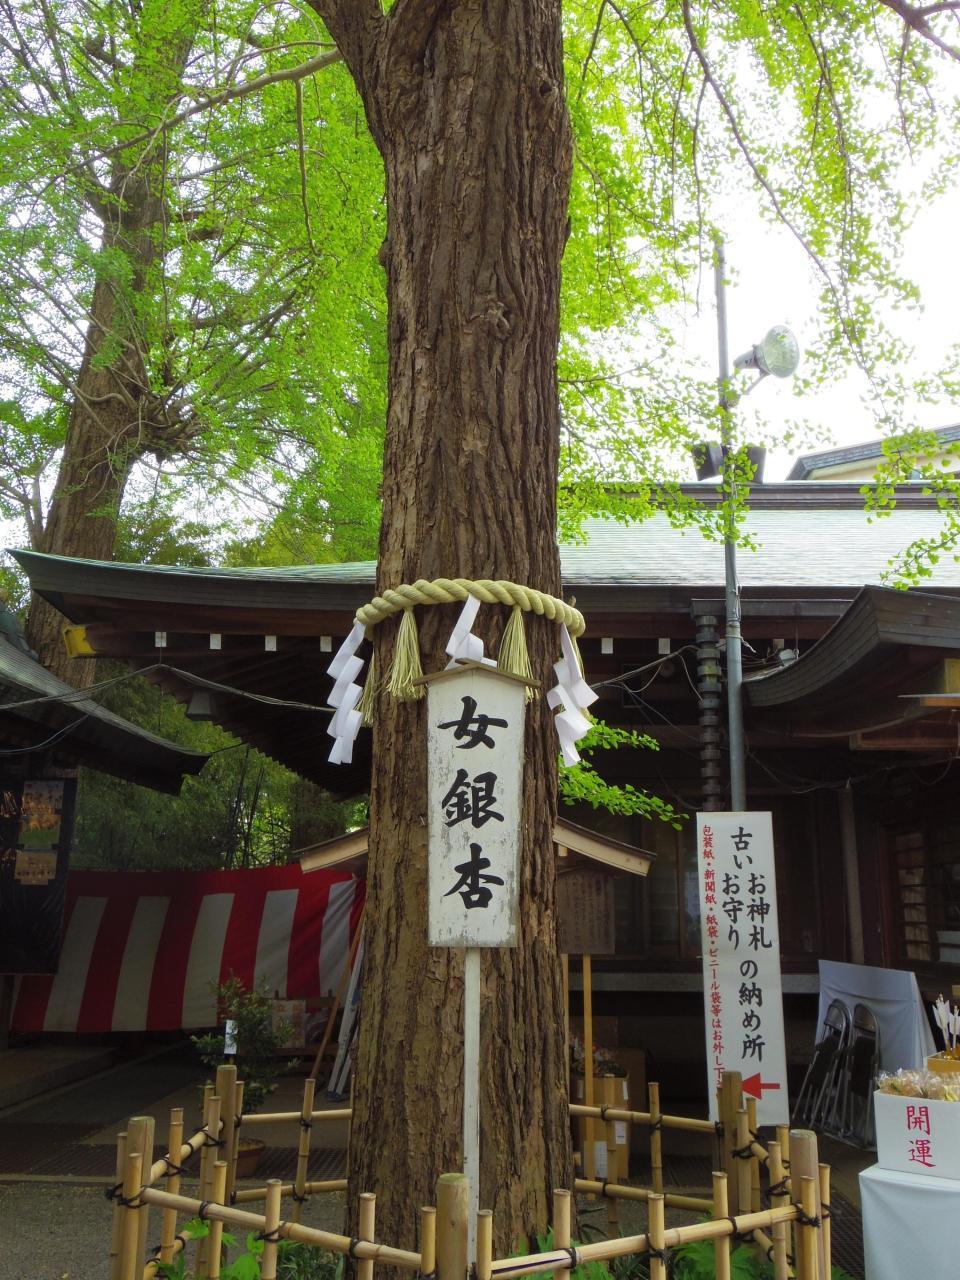 【14位】大宮八幡宮 / 高井戸・千歳烏山・八幡山